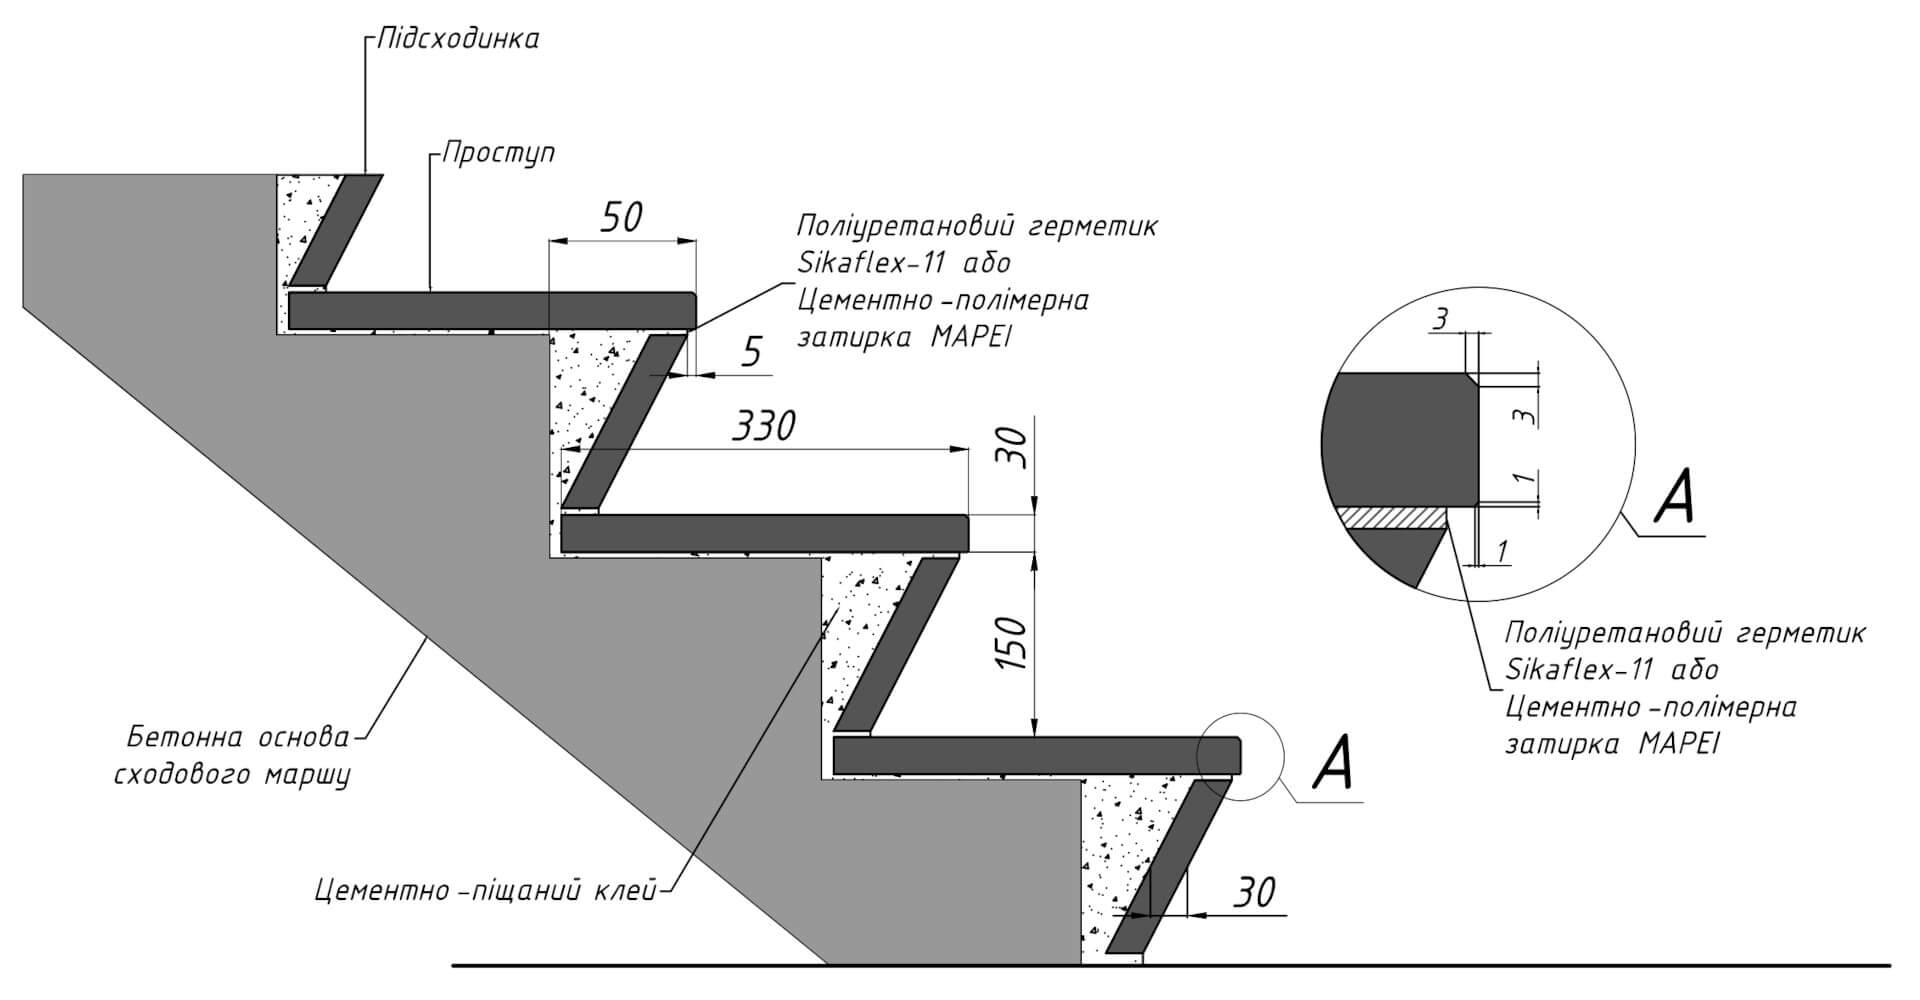 Креслення складального вузла гранітних сходів